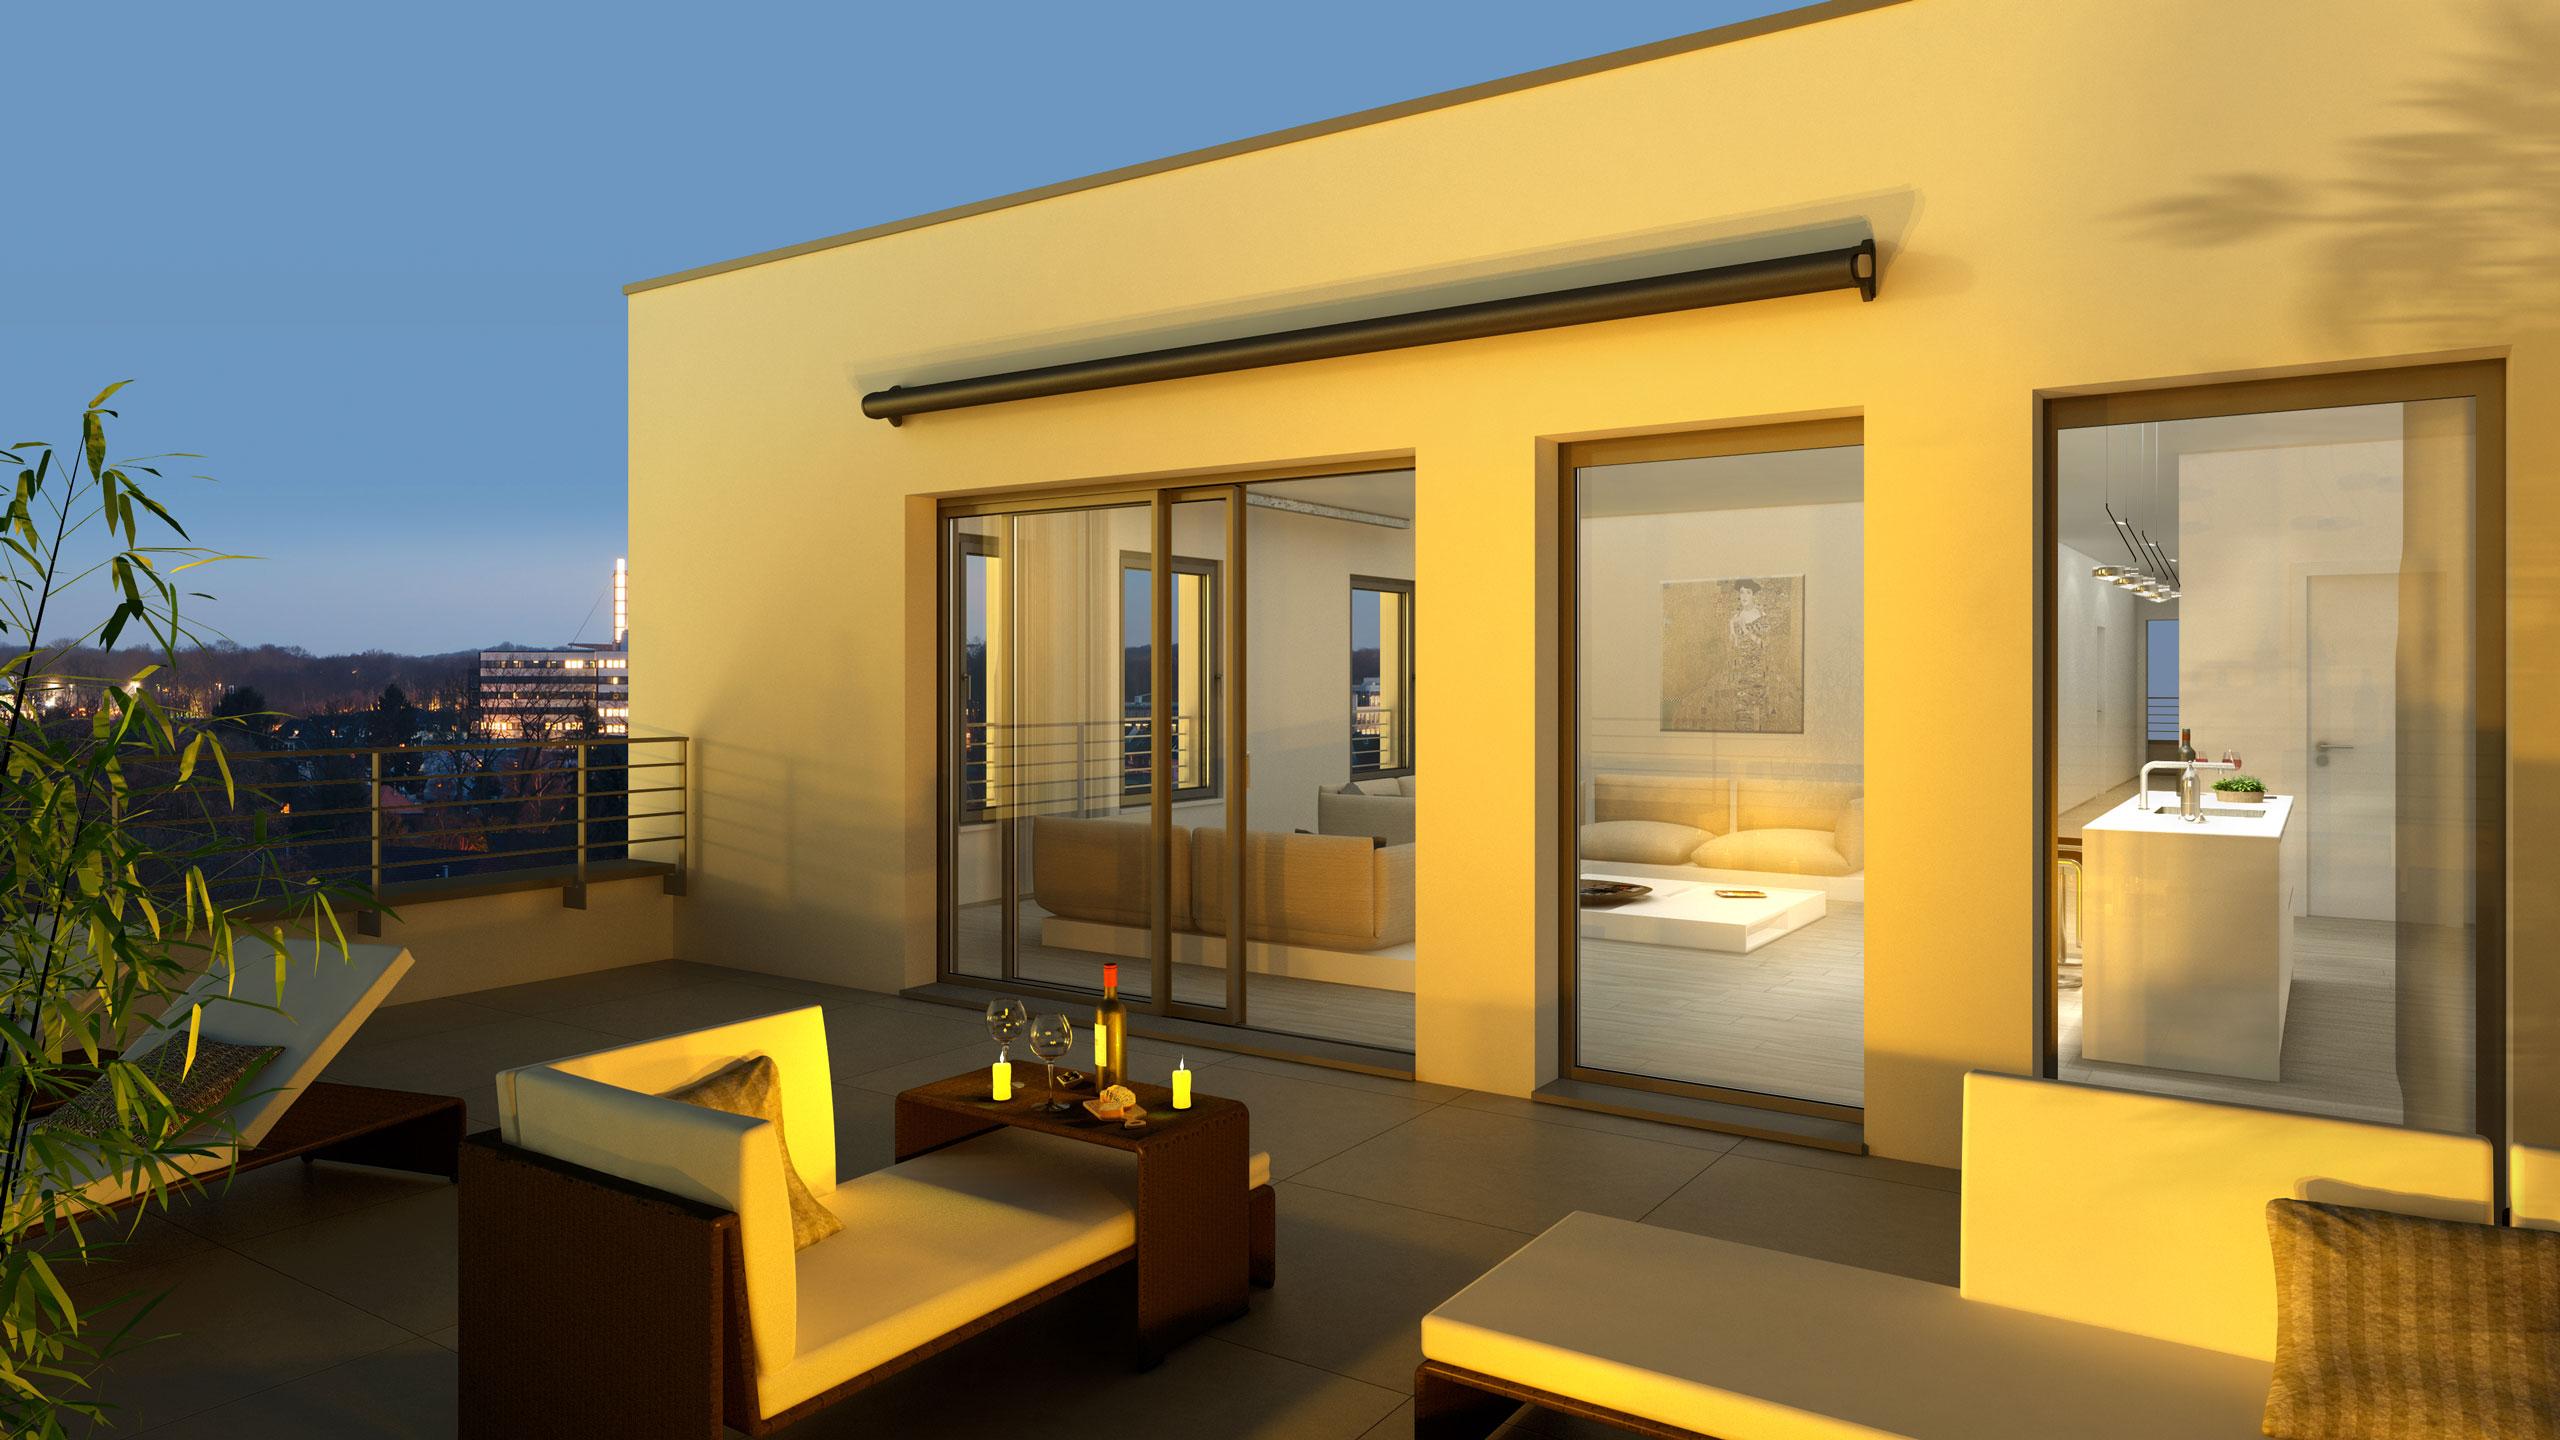 agb. Black Bedroom Furniture Sets. Home Design Ideas